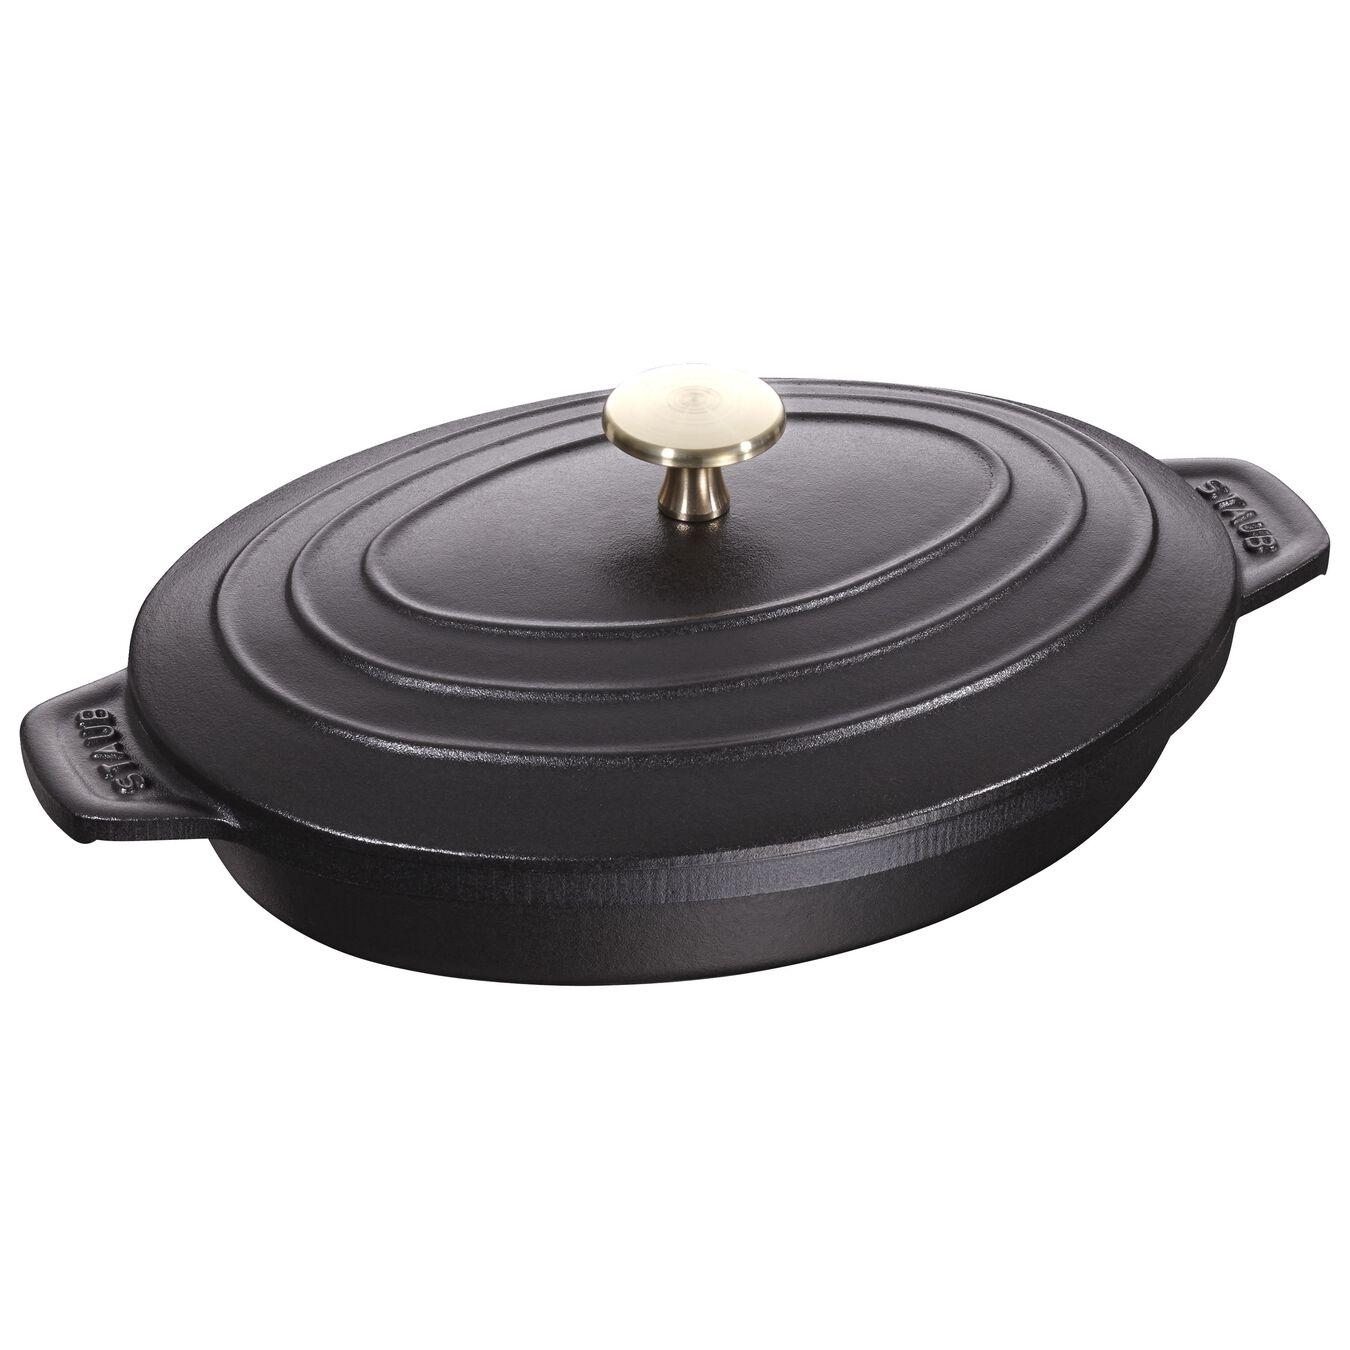 Kapaklı Servis Tabağı  | Döküm Demir | 23 cm | Siyah,,large 1